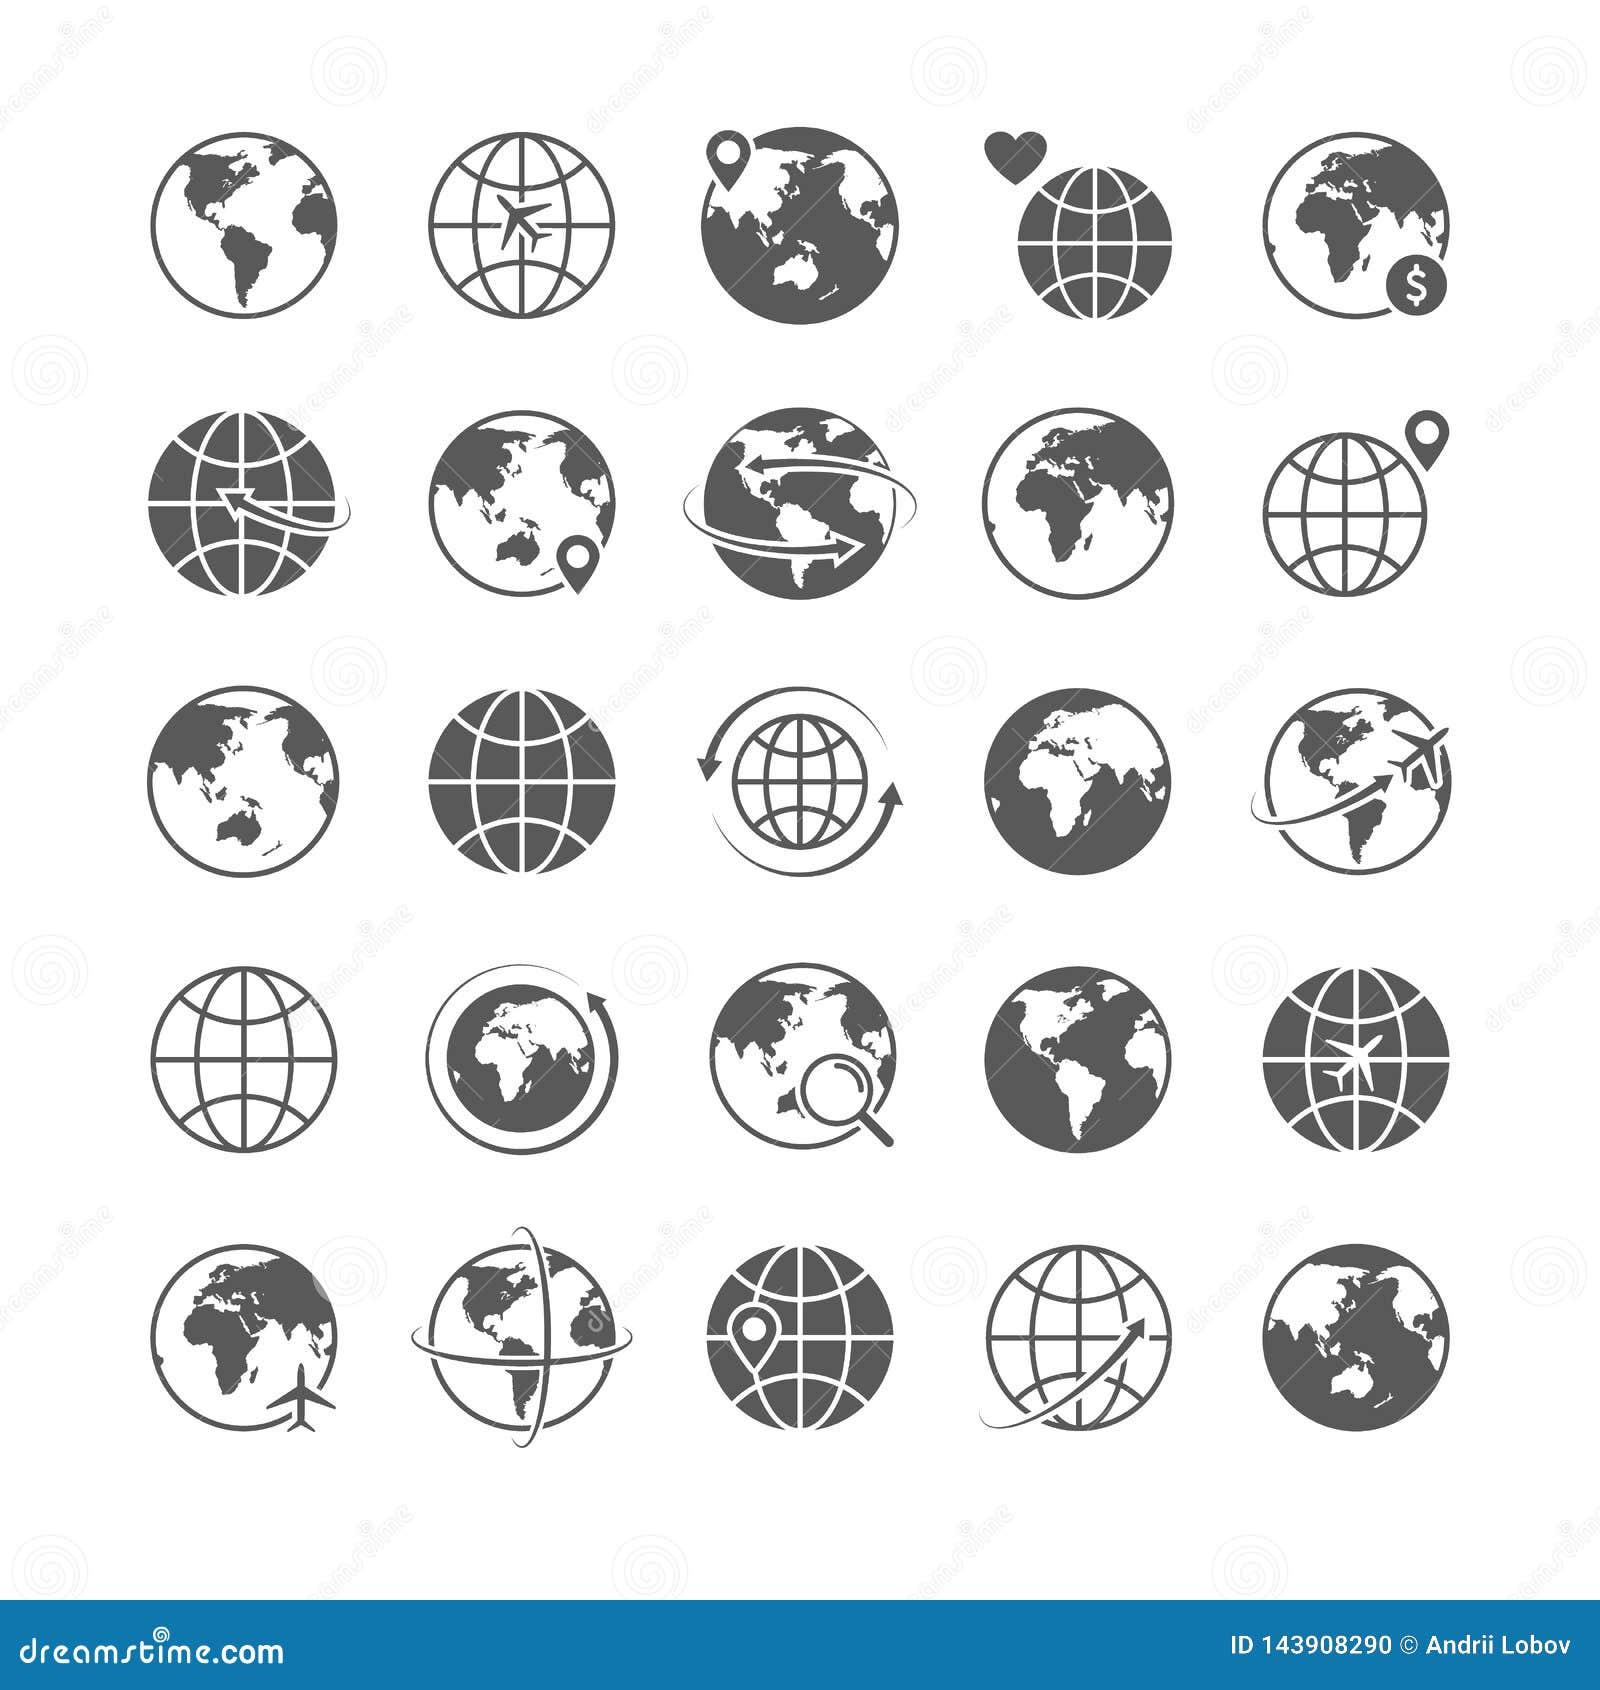 Значки глобуса установили линию вектор маркетинга коммерции интернета значков силуэта карты глобуса земли мира глобальную туризма